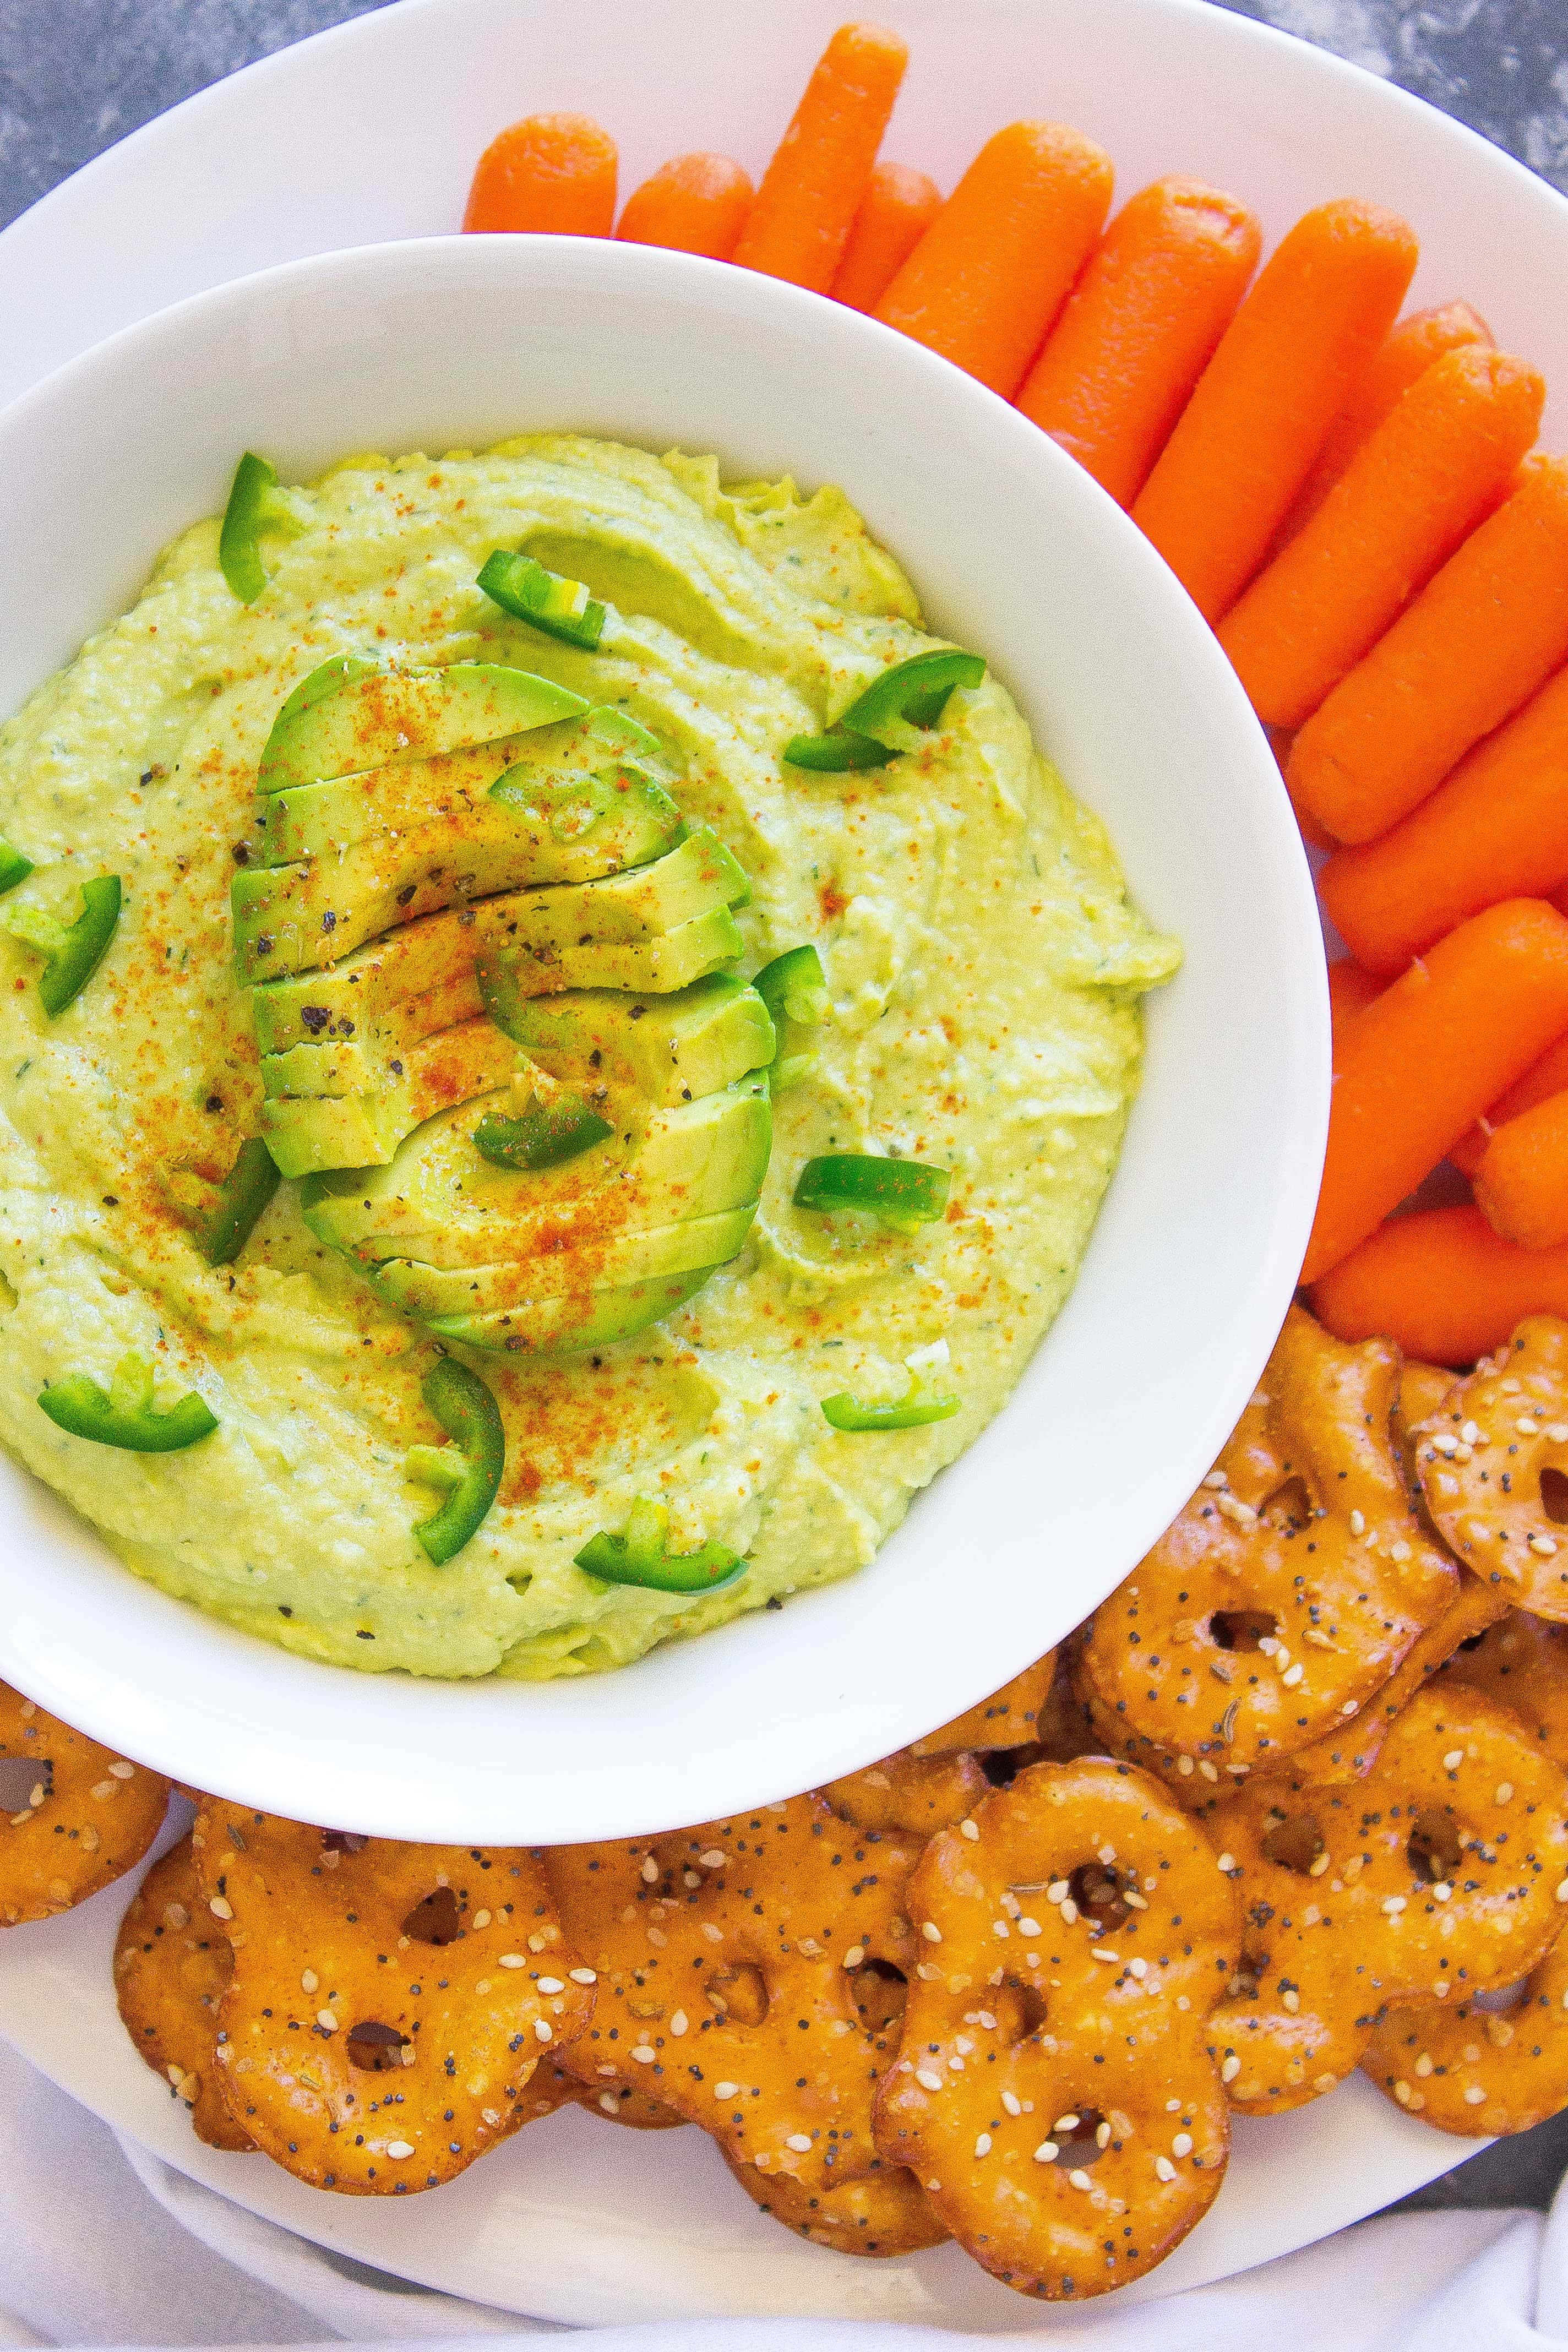 Spicy & Creamy Avocado Hummus